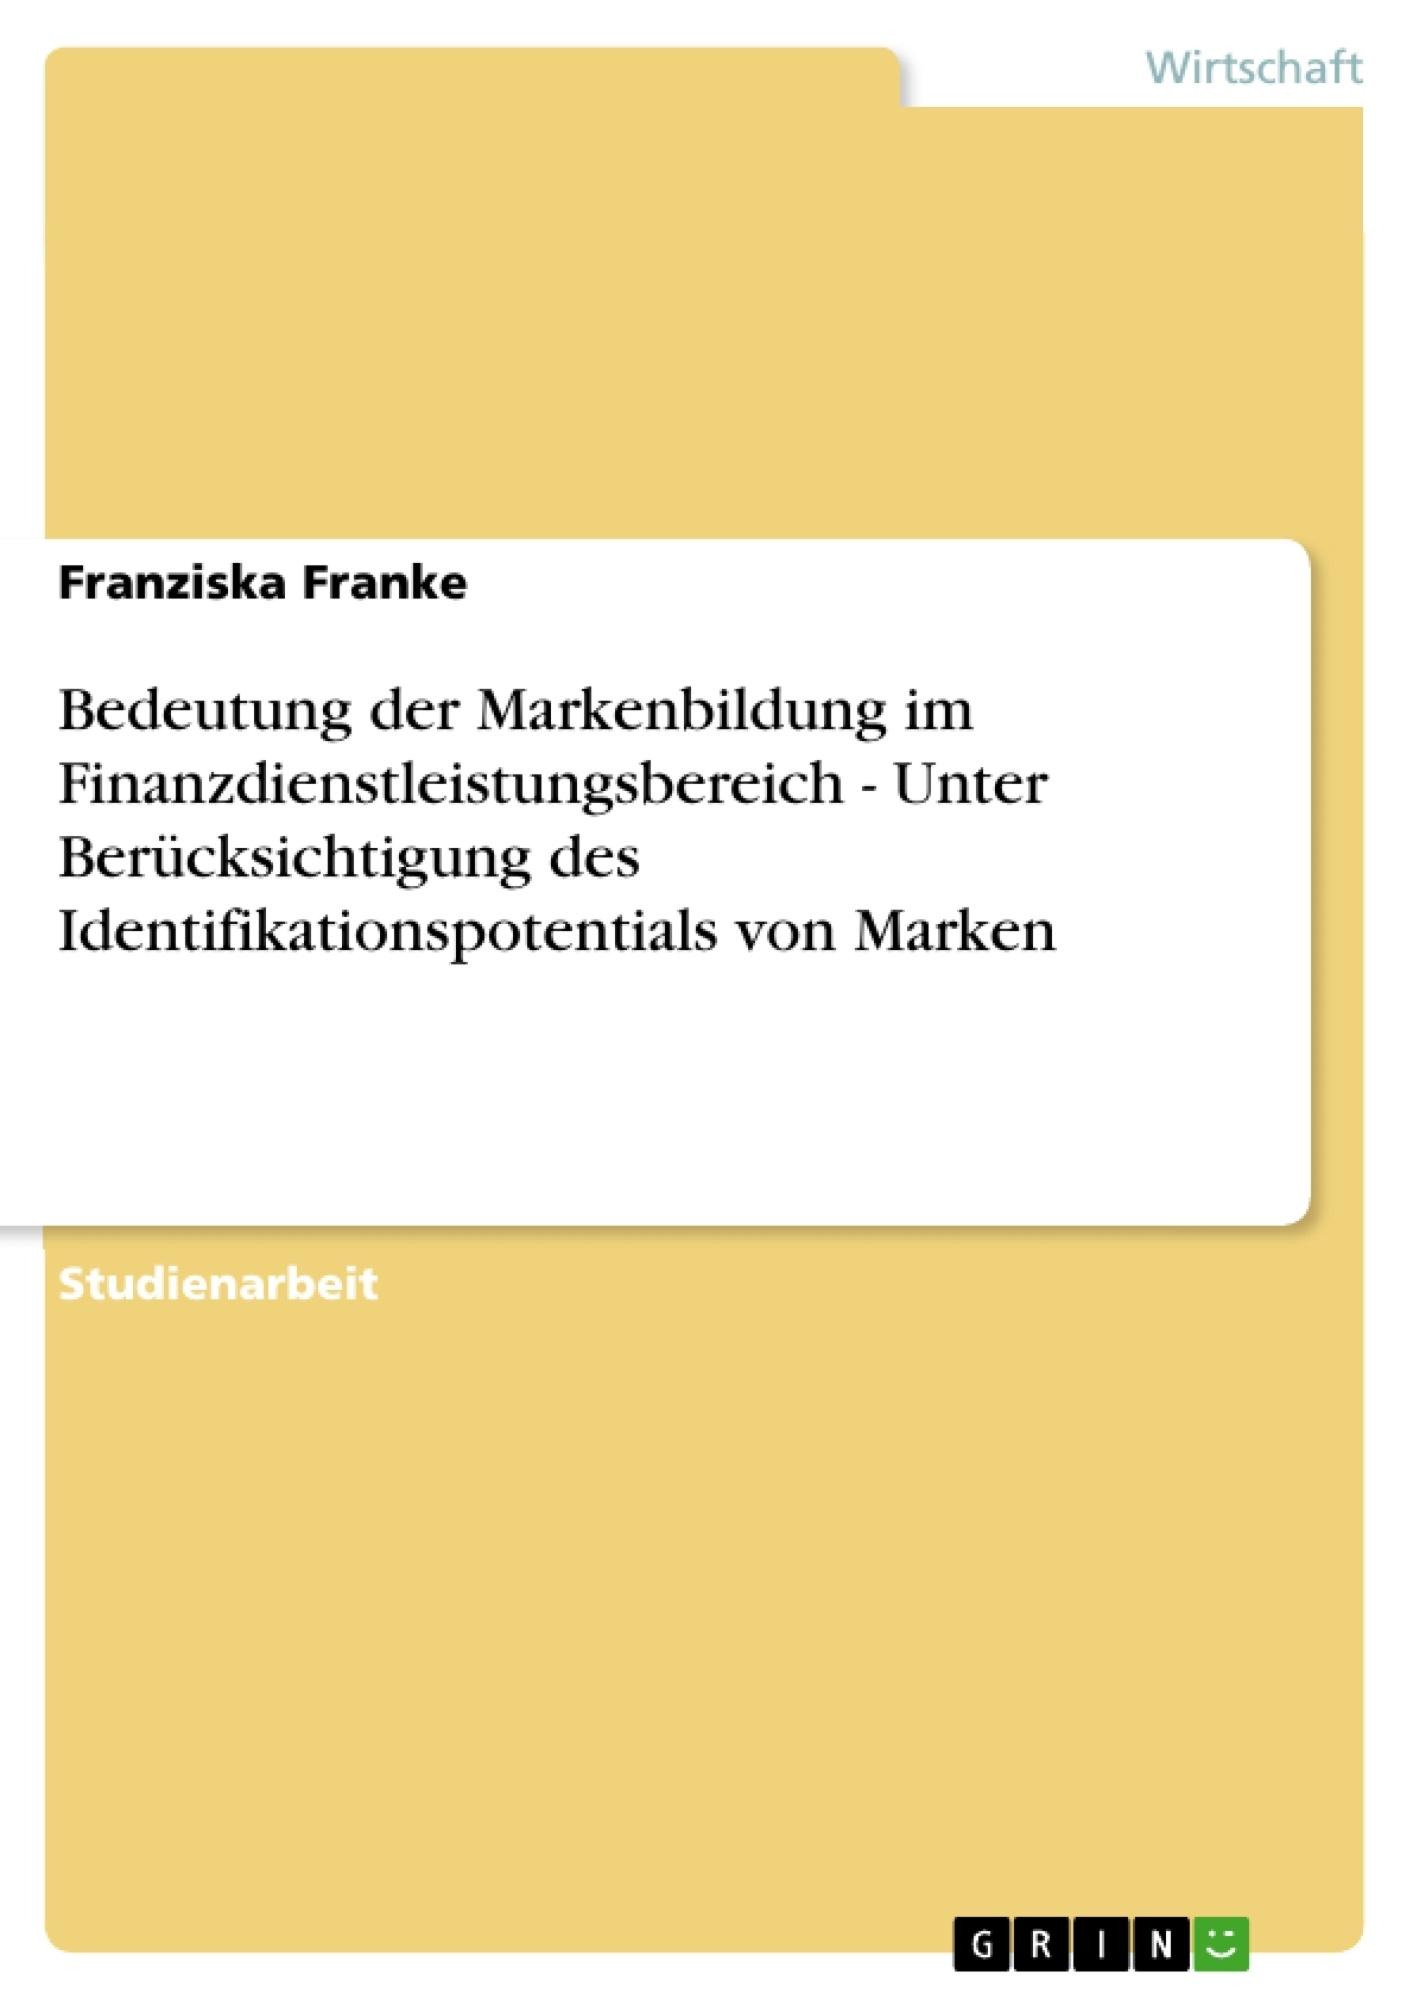 Titel: Bedeutung der Markenbildung im Finanzdienstleistungsbereich - Unter Berücksichtigung des Identifikationspotentials von Marken